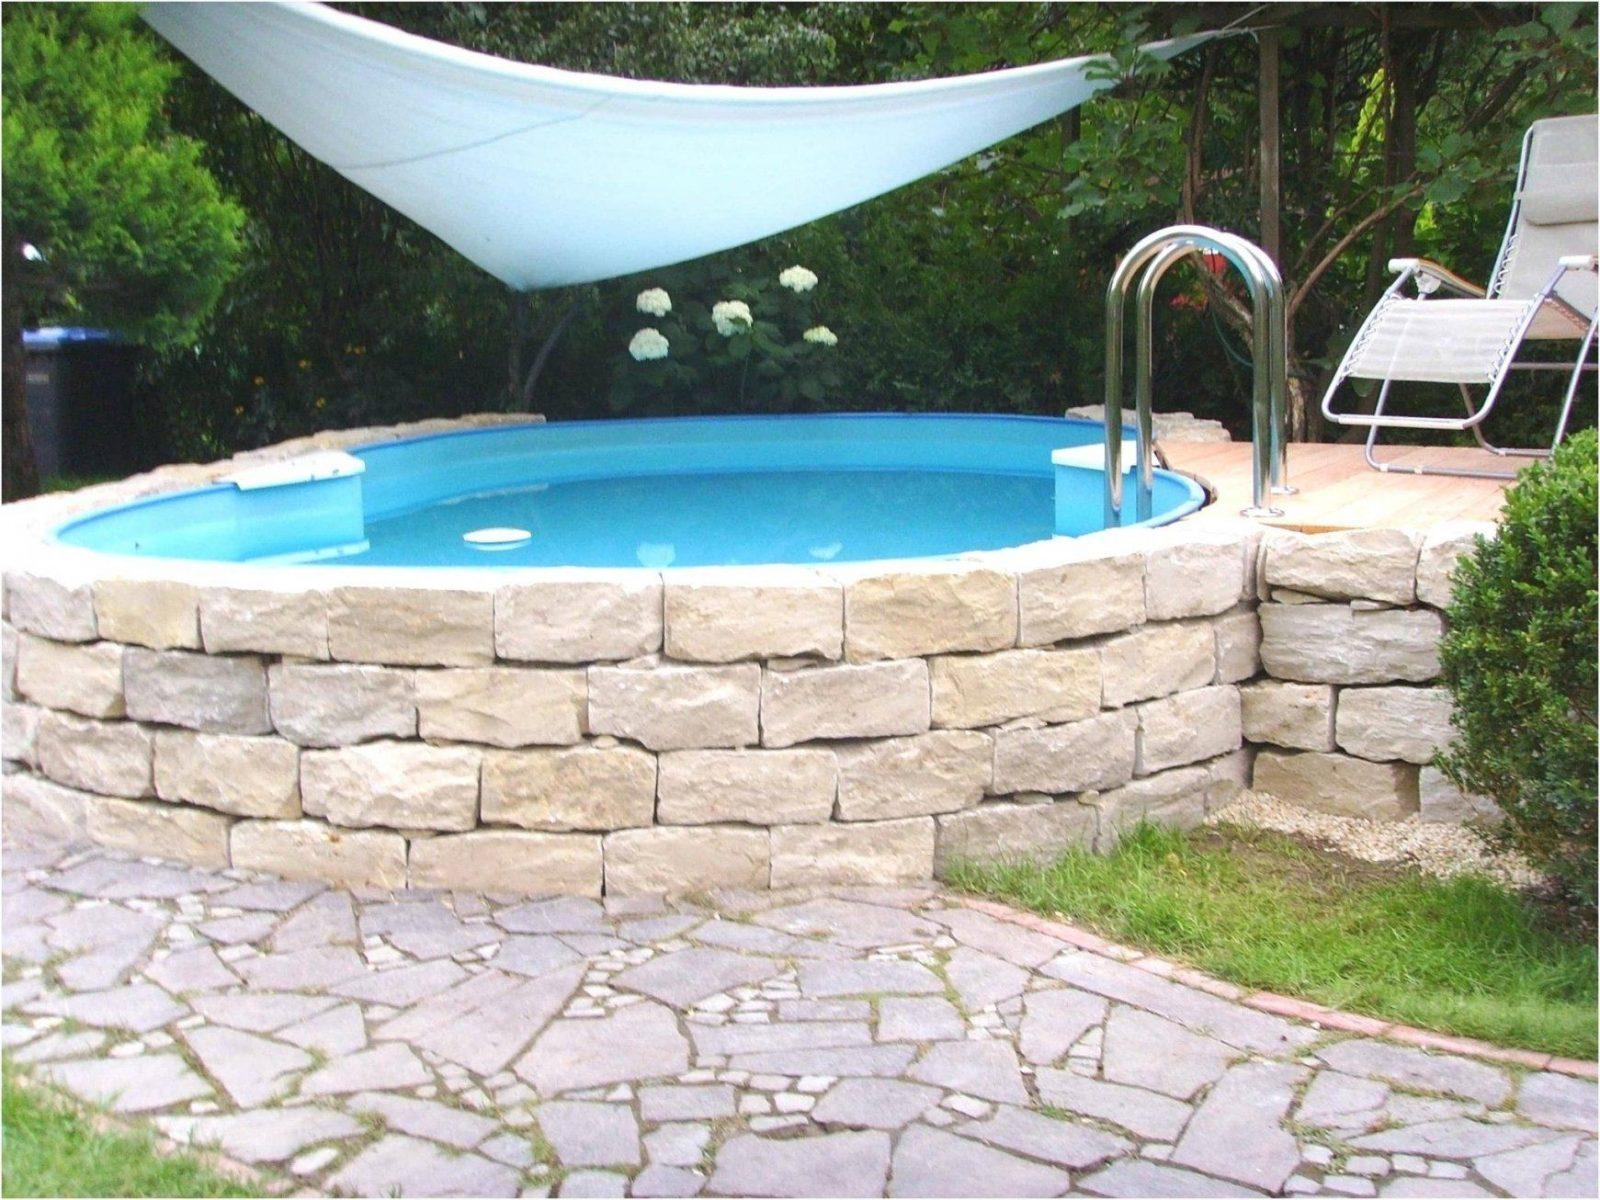 Swimmingpool Selber Bauen Styroporbecken Komfort Plus Schwimmbad von Pool Selber Bauen Billig Photo